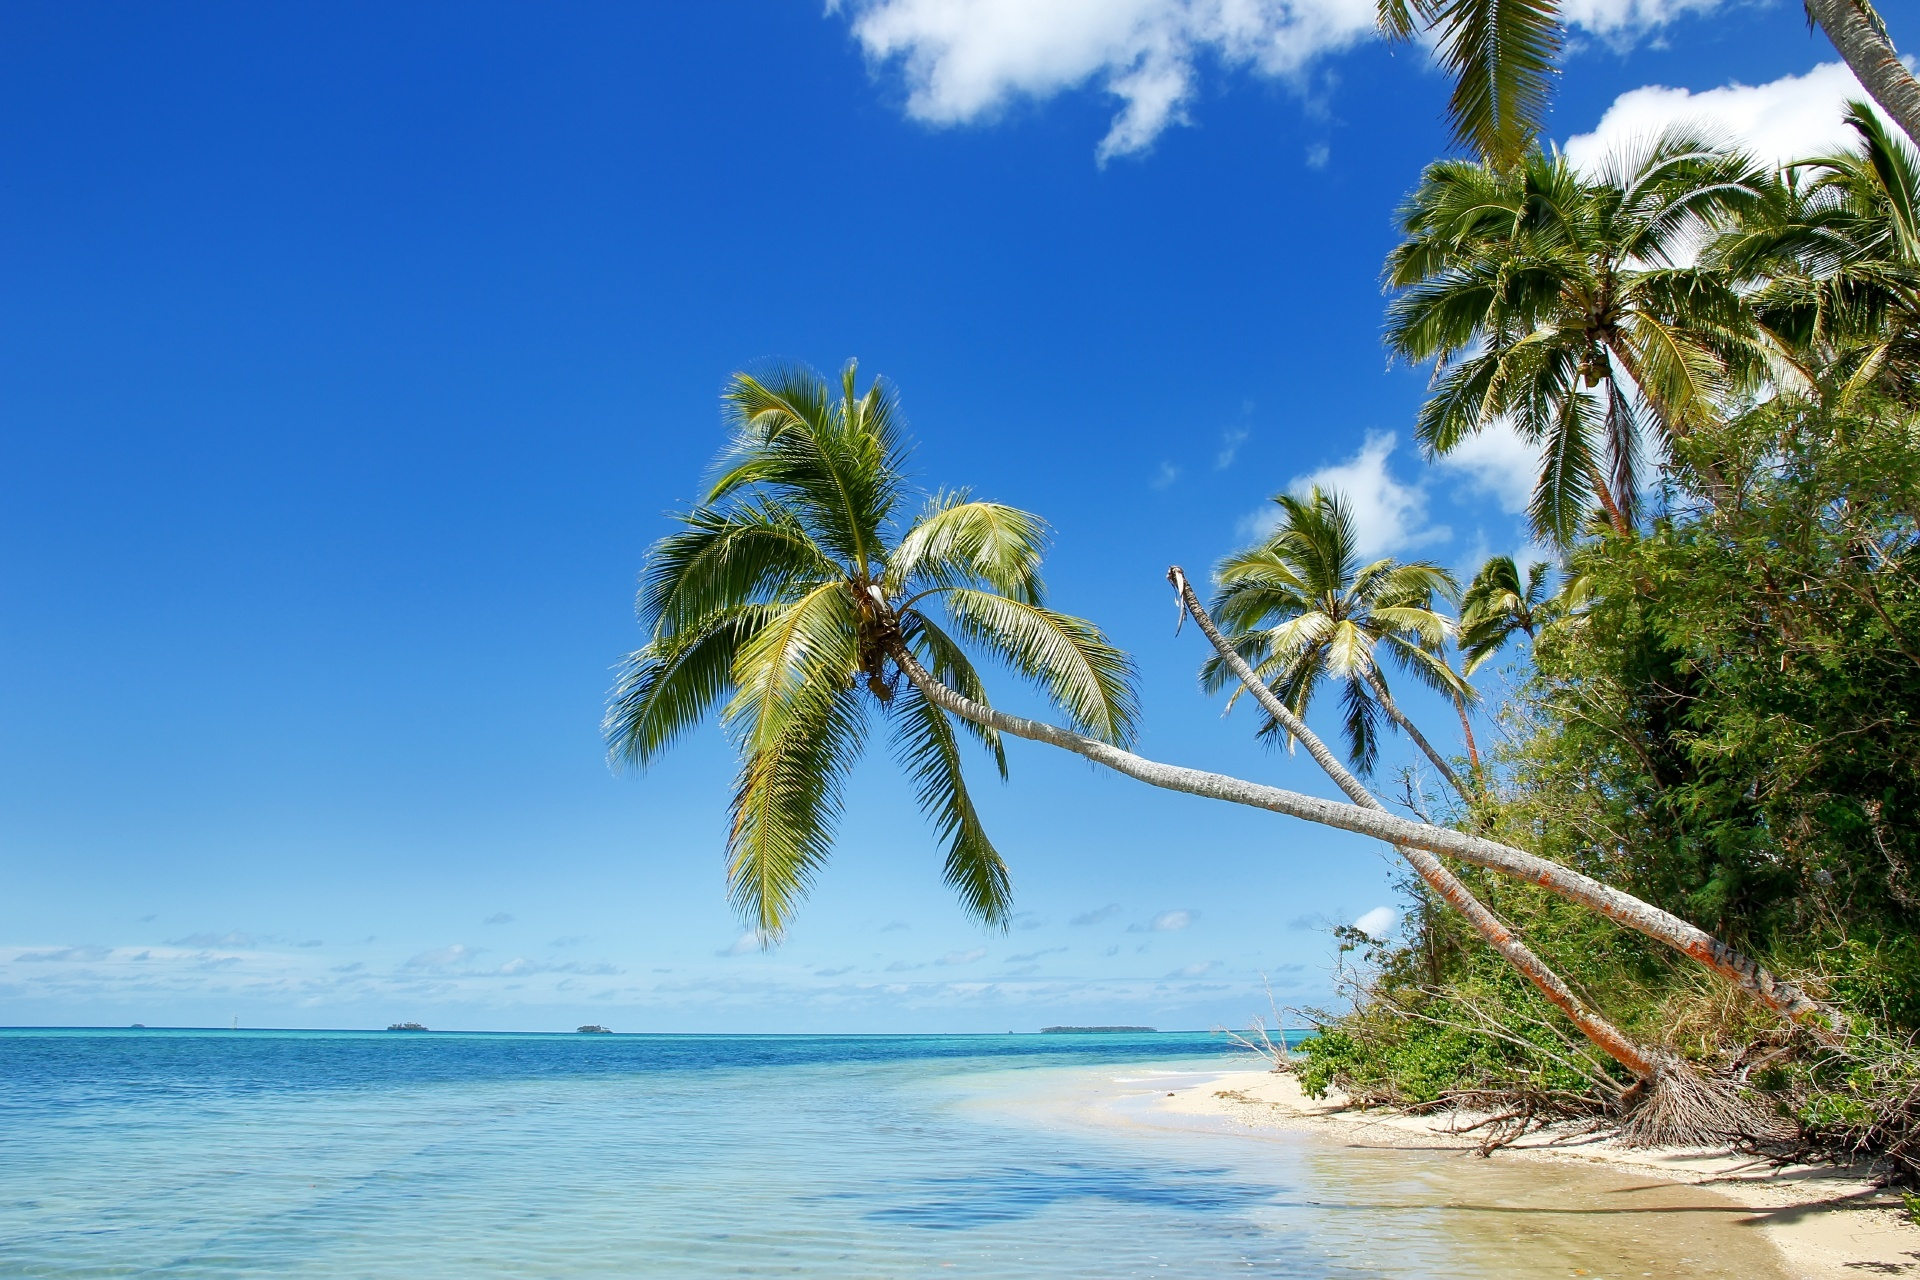 マカハア島の風景 トンガ王国の風景